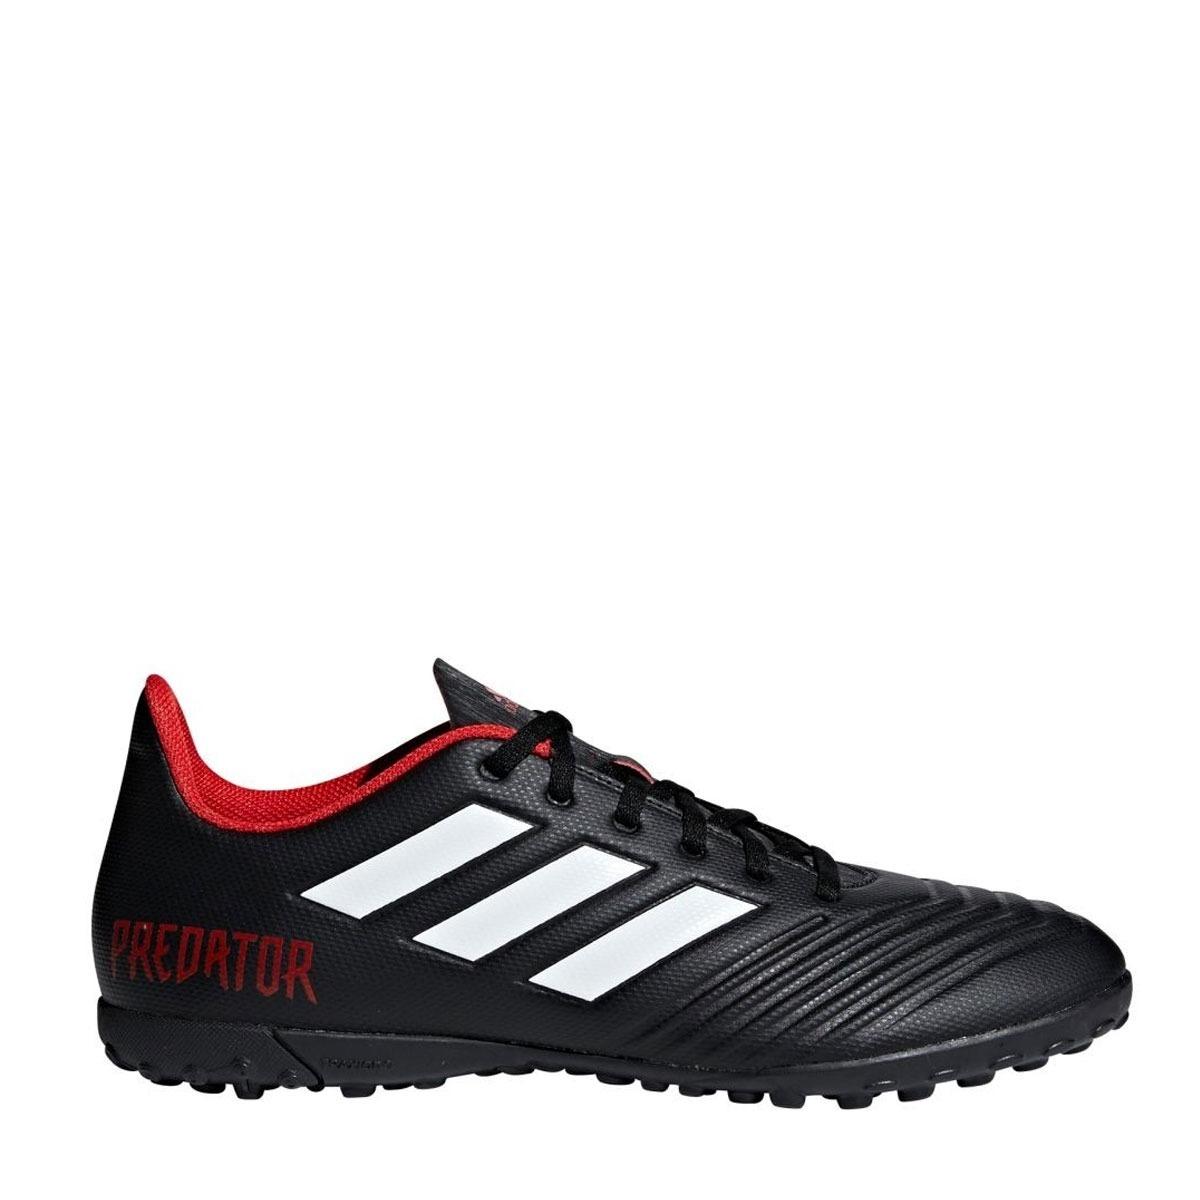 ba8f8974f6a84 ... Adidas · Césped artificial · Adultos. Compartir. Compartir. Vender uno  igual. botines adidas predator tango 18.4 tf db2143. Cargando zoom.